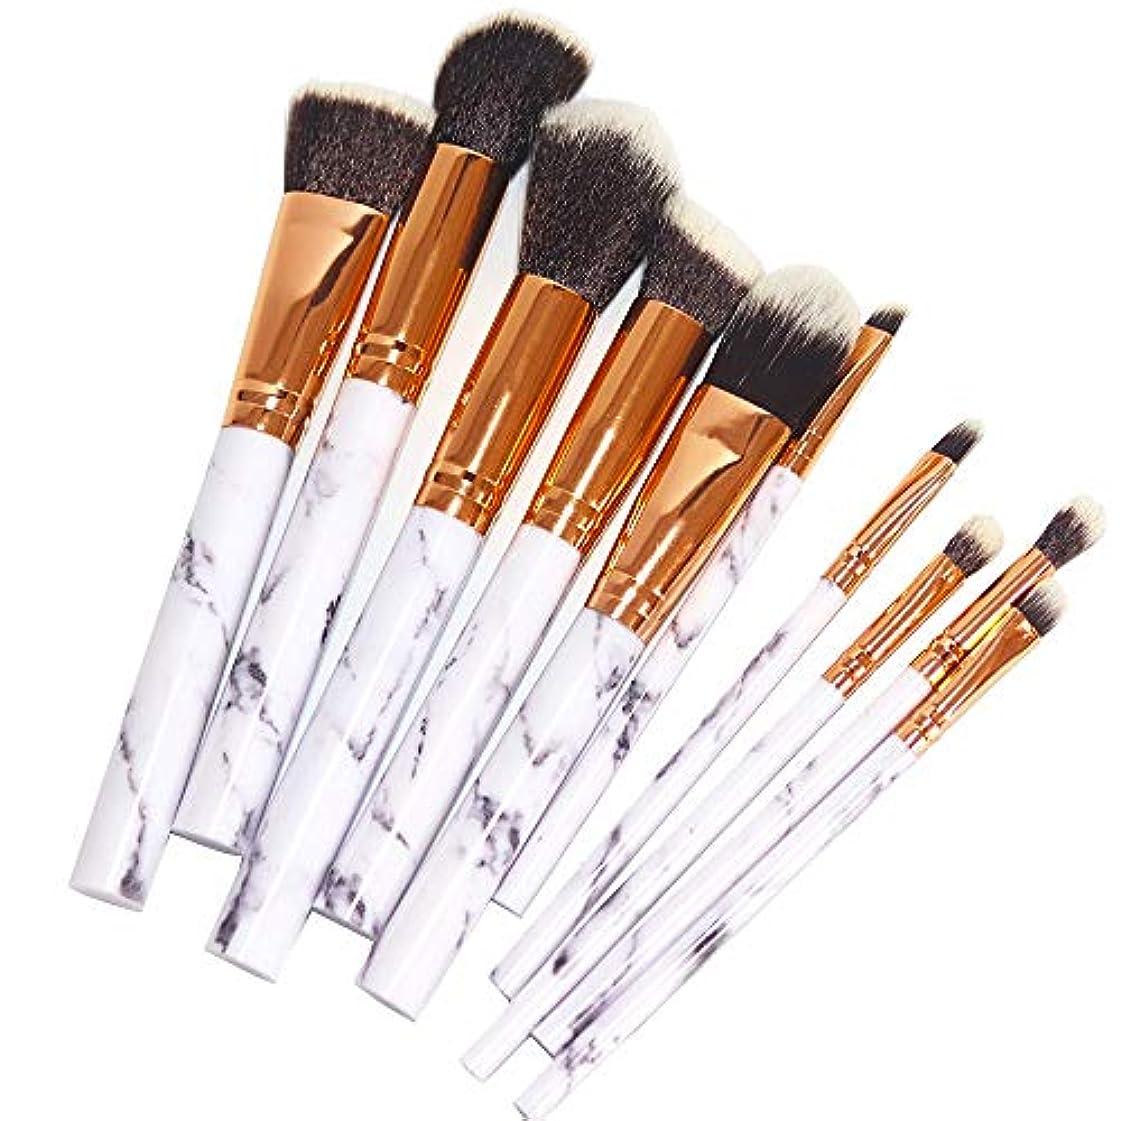 現代のランドリートランク化粧筆 パウダーブラシ コスメ アイシャドーブラシ 大理石柄 化粧ブラシ 高級繊維毛 柔らかい 携帯便利 ソフトメイクブラシセット 10本セット